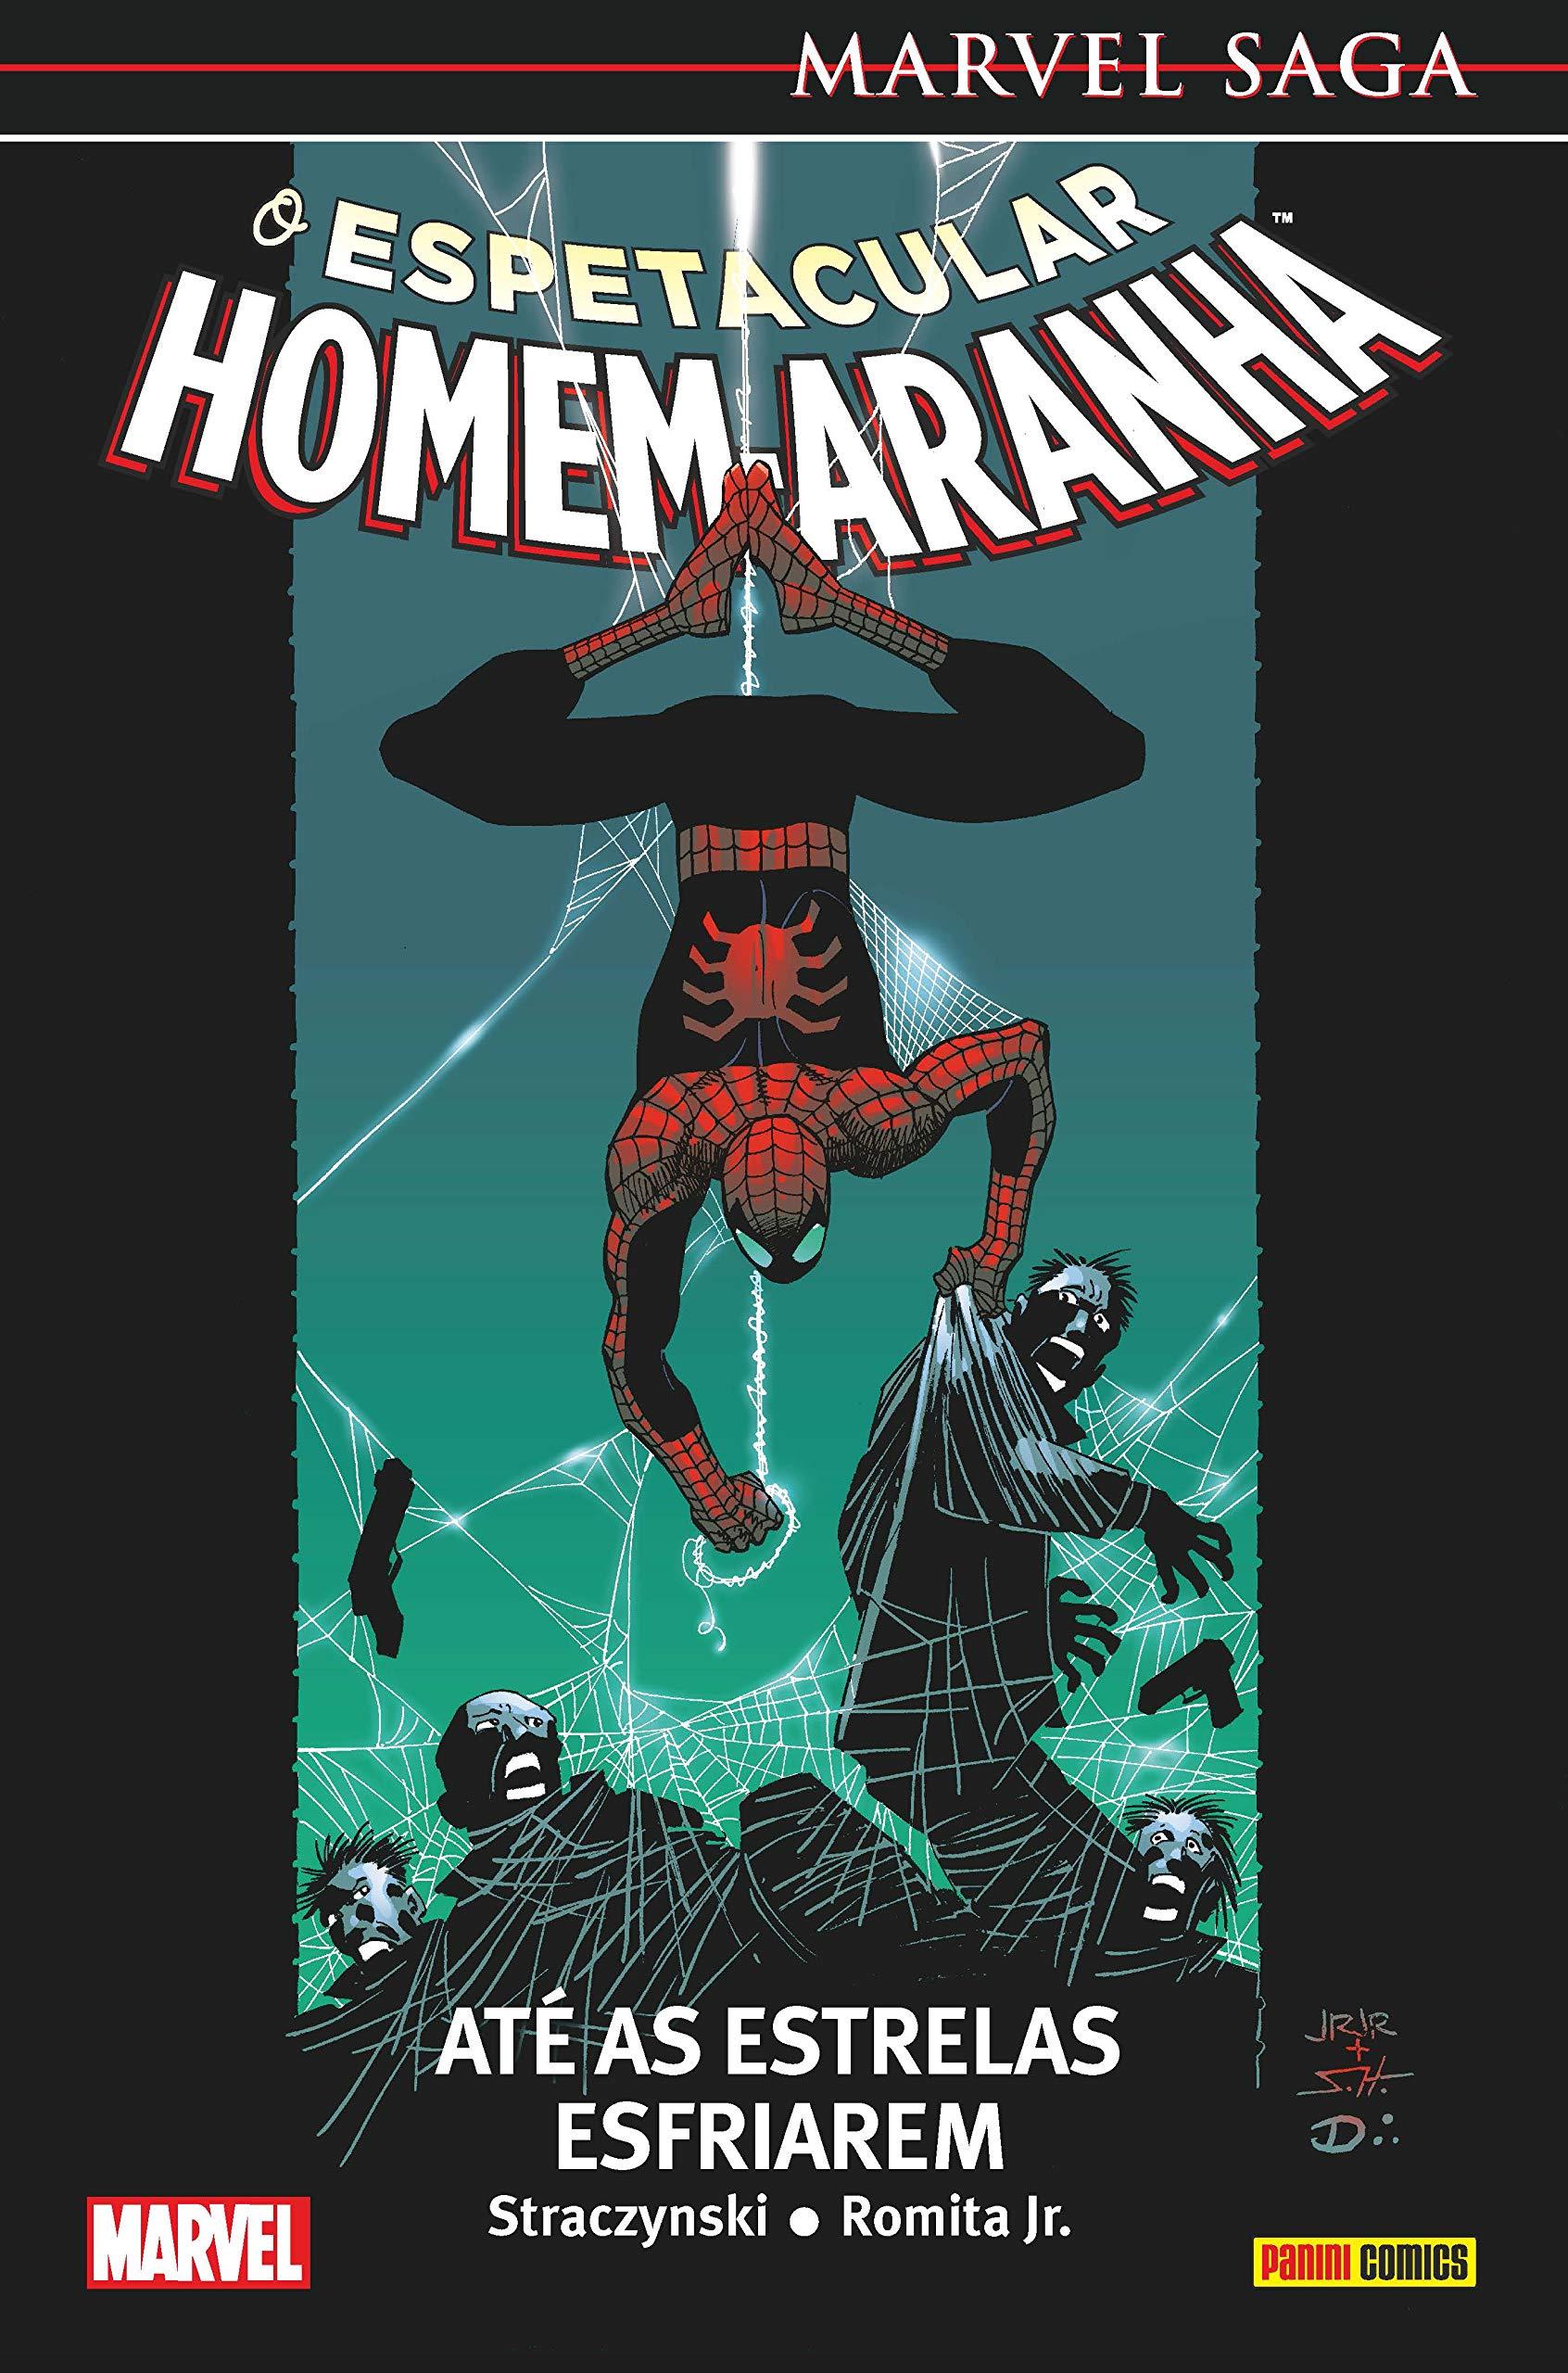 Marvel Saga: O Espetacular Homem-Aranha - Volume 2: Capa Dura (Português) Capa dura – 20 Maio 2020